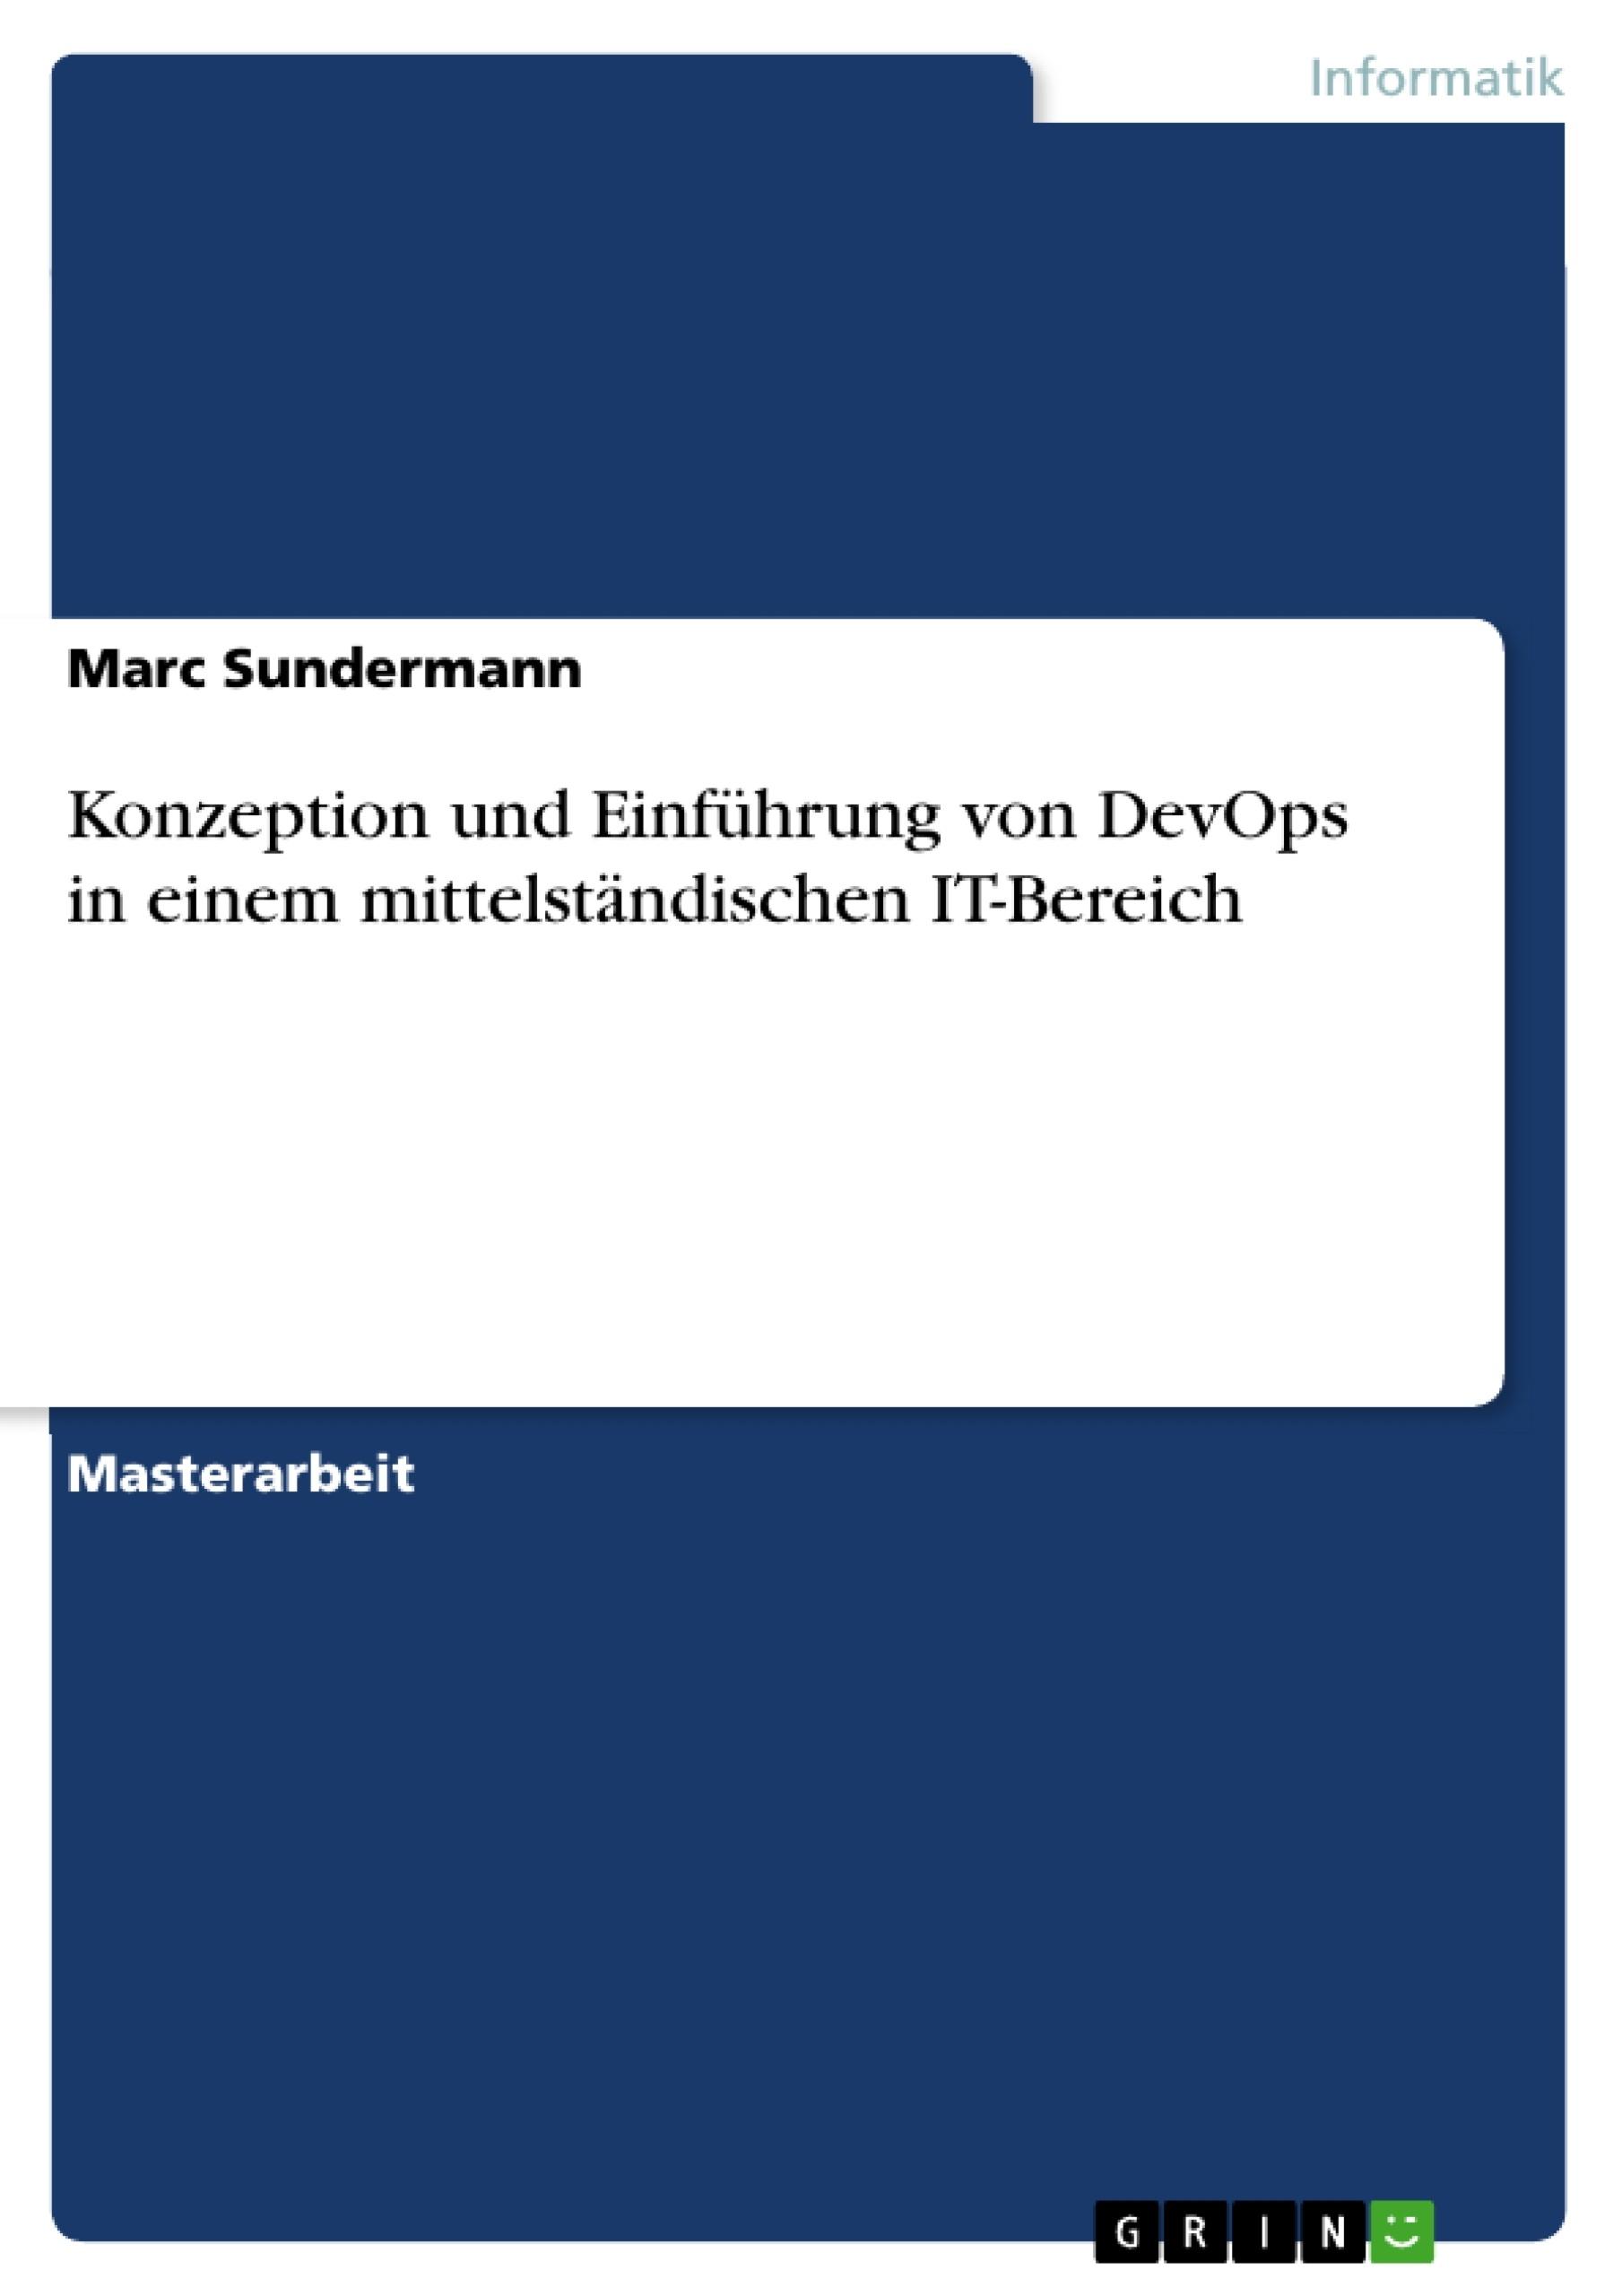 Titel: Konzeption und Einführung von DevOps in einem mittelständischen IT-Bereich